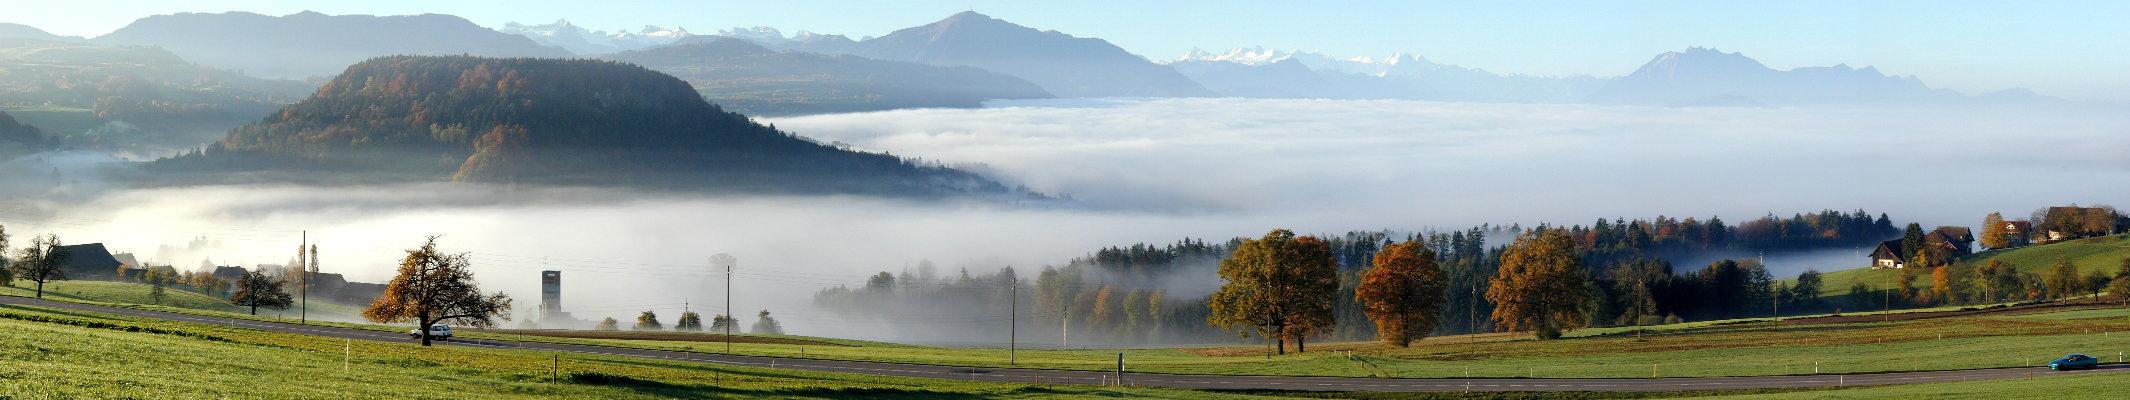 Central-Switzerland in fog